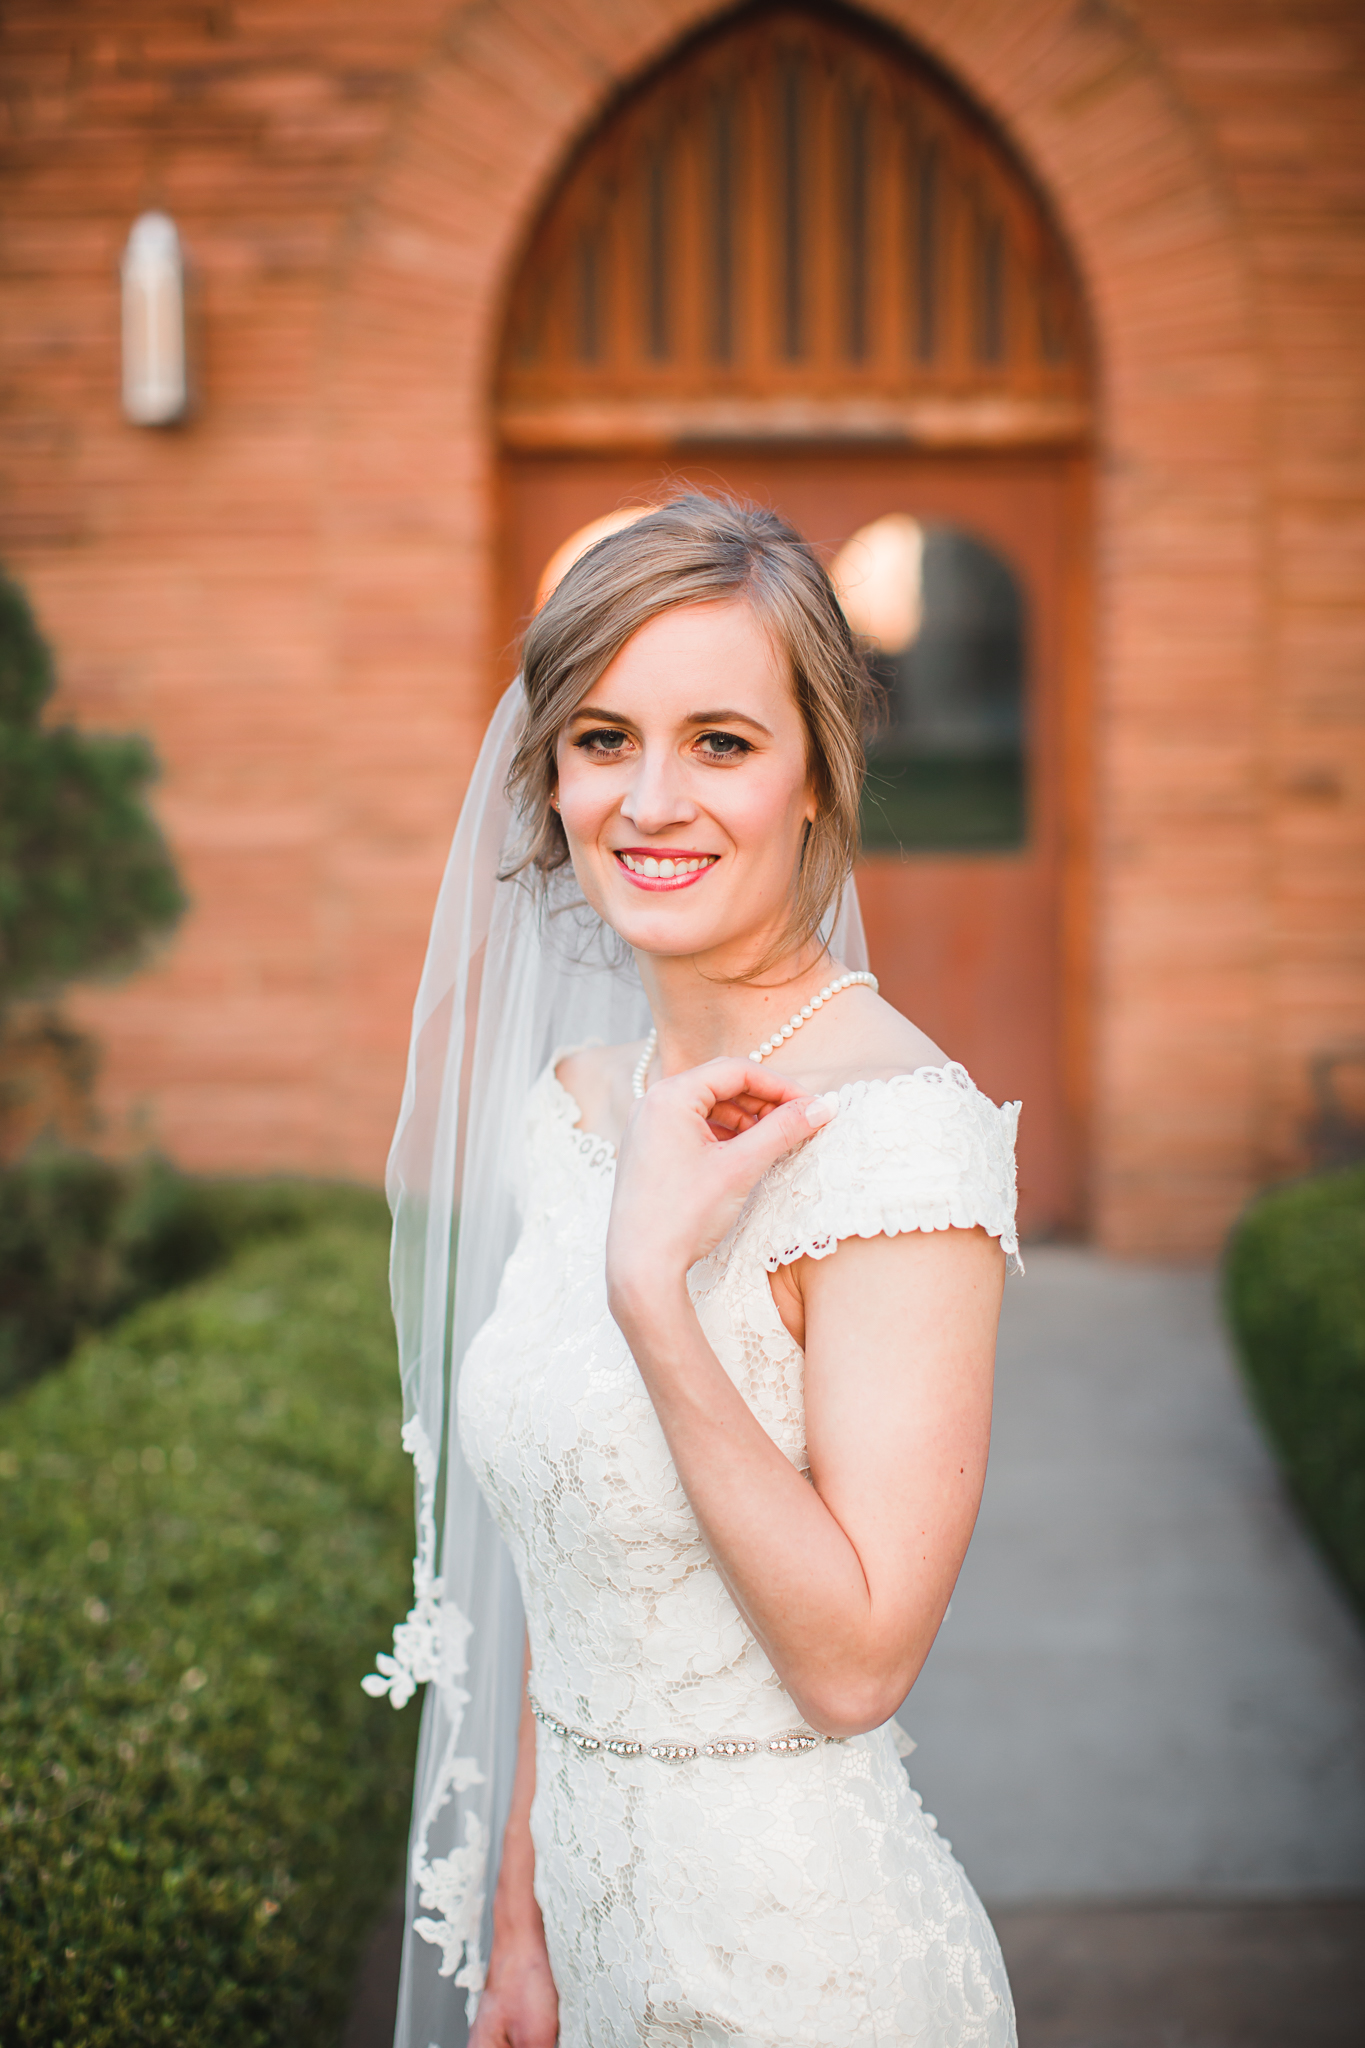 alyssa bridal blog-29.jpg